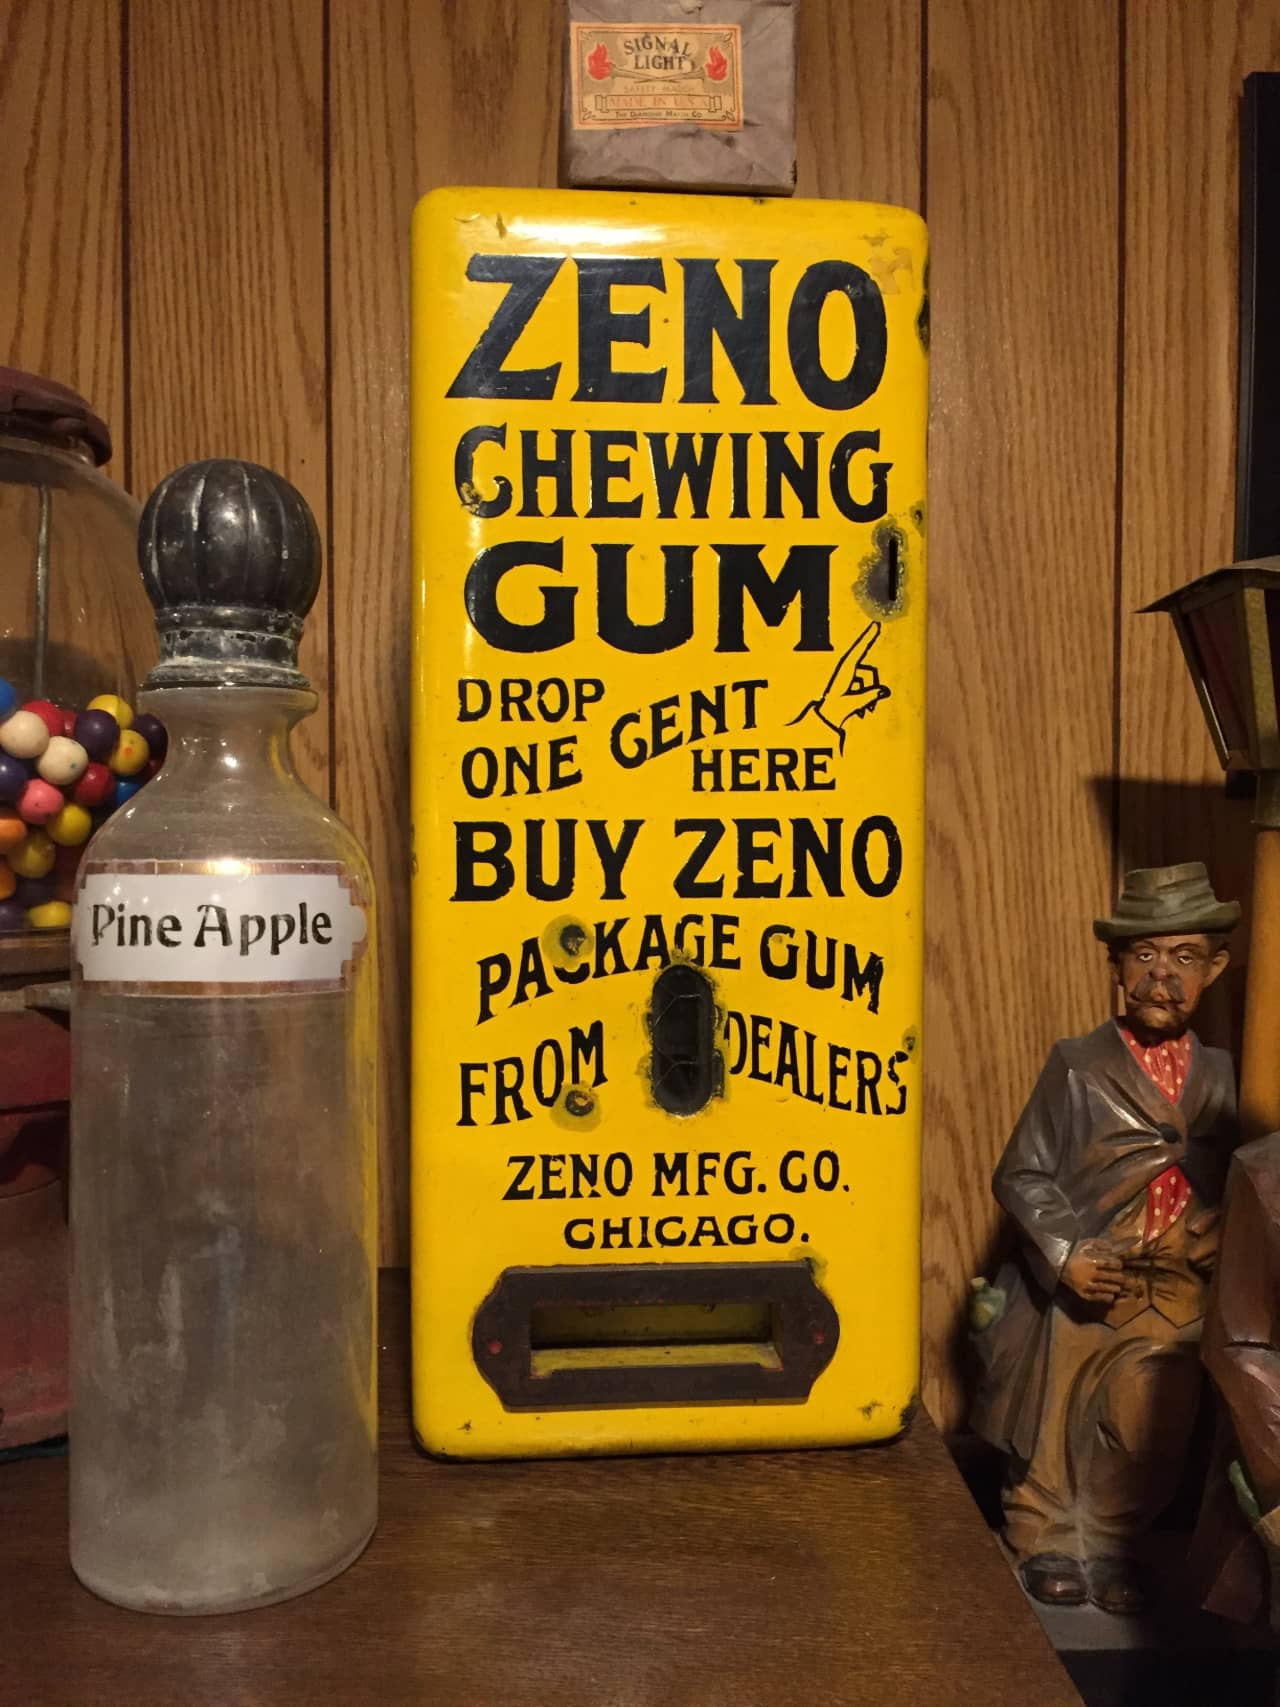 Zeno 1c Gum Vendor